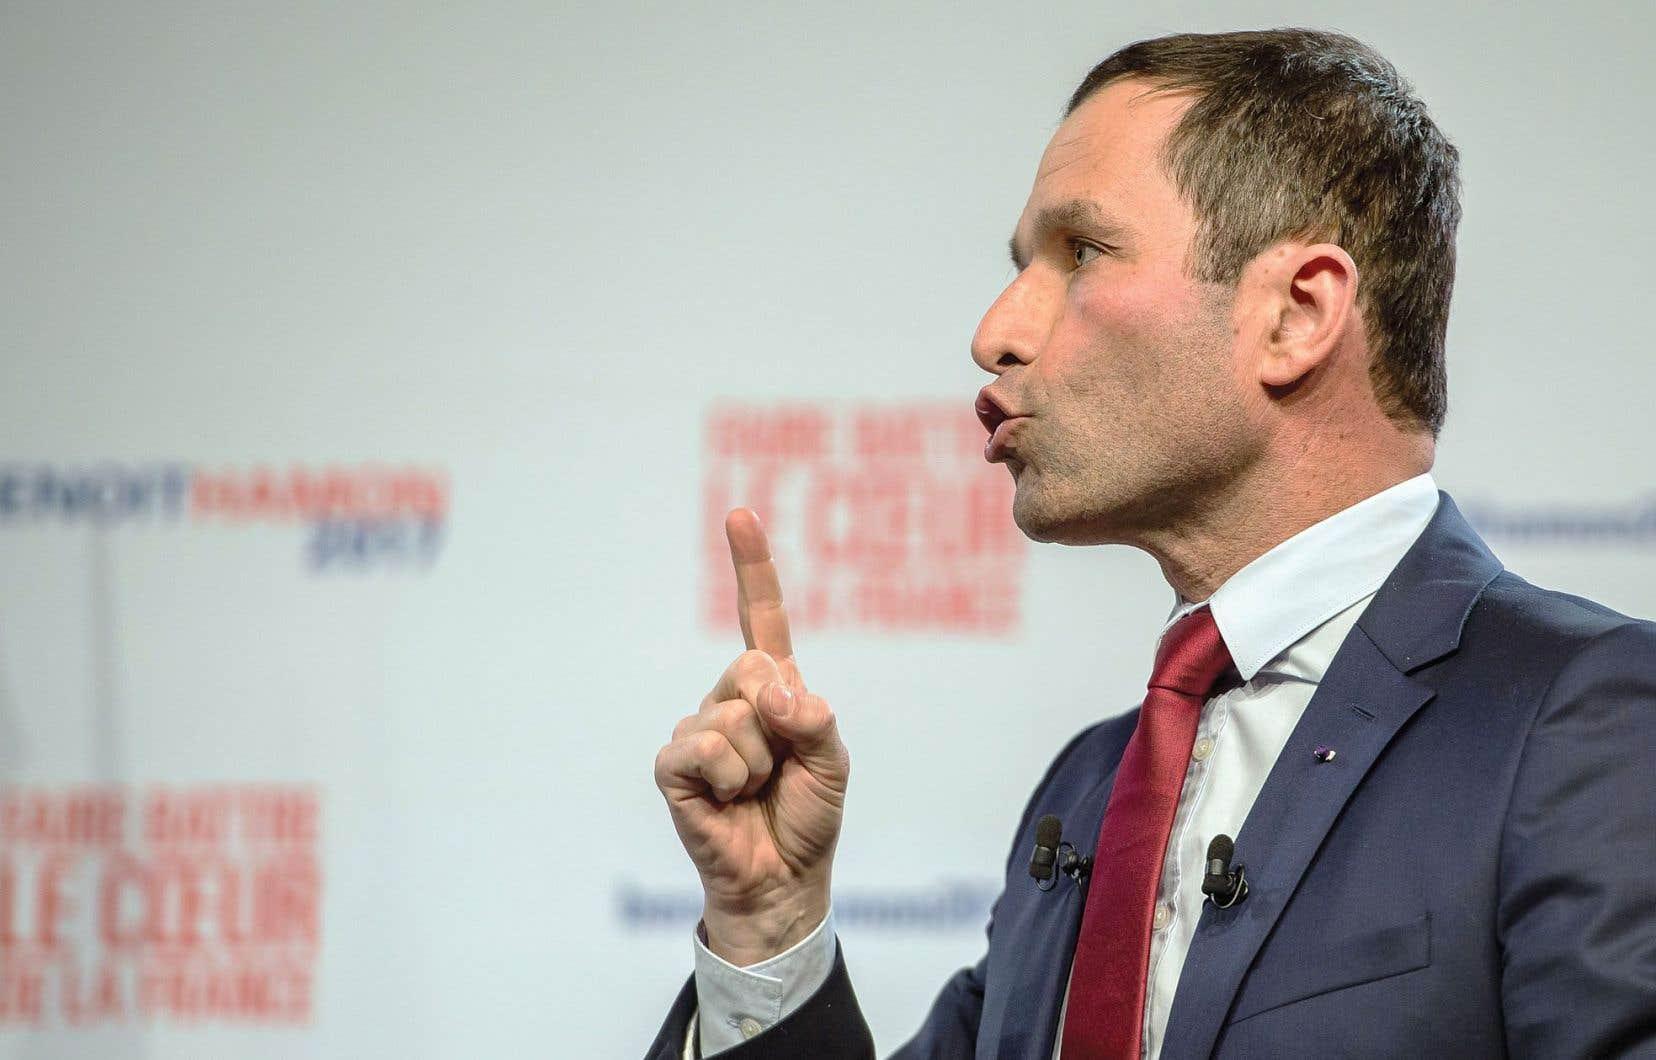 Benoît Hamon, l'un des candidats à la primaire de la gauche française, propose d'établir un revenu universel d'existence pour tous.